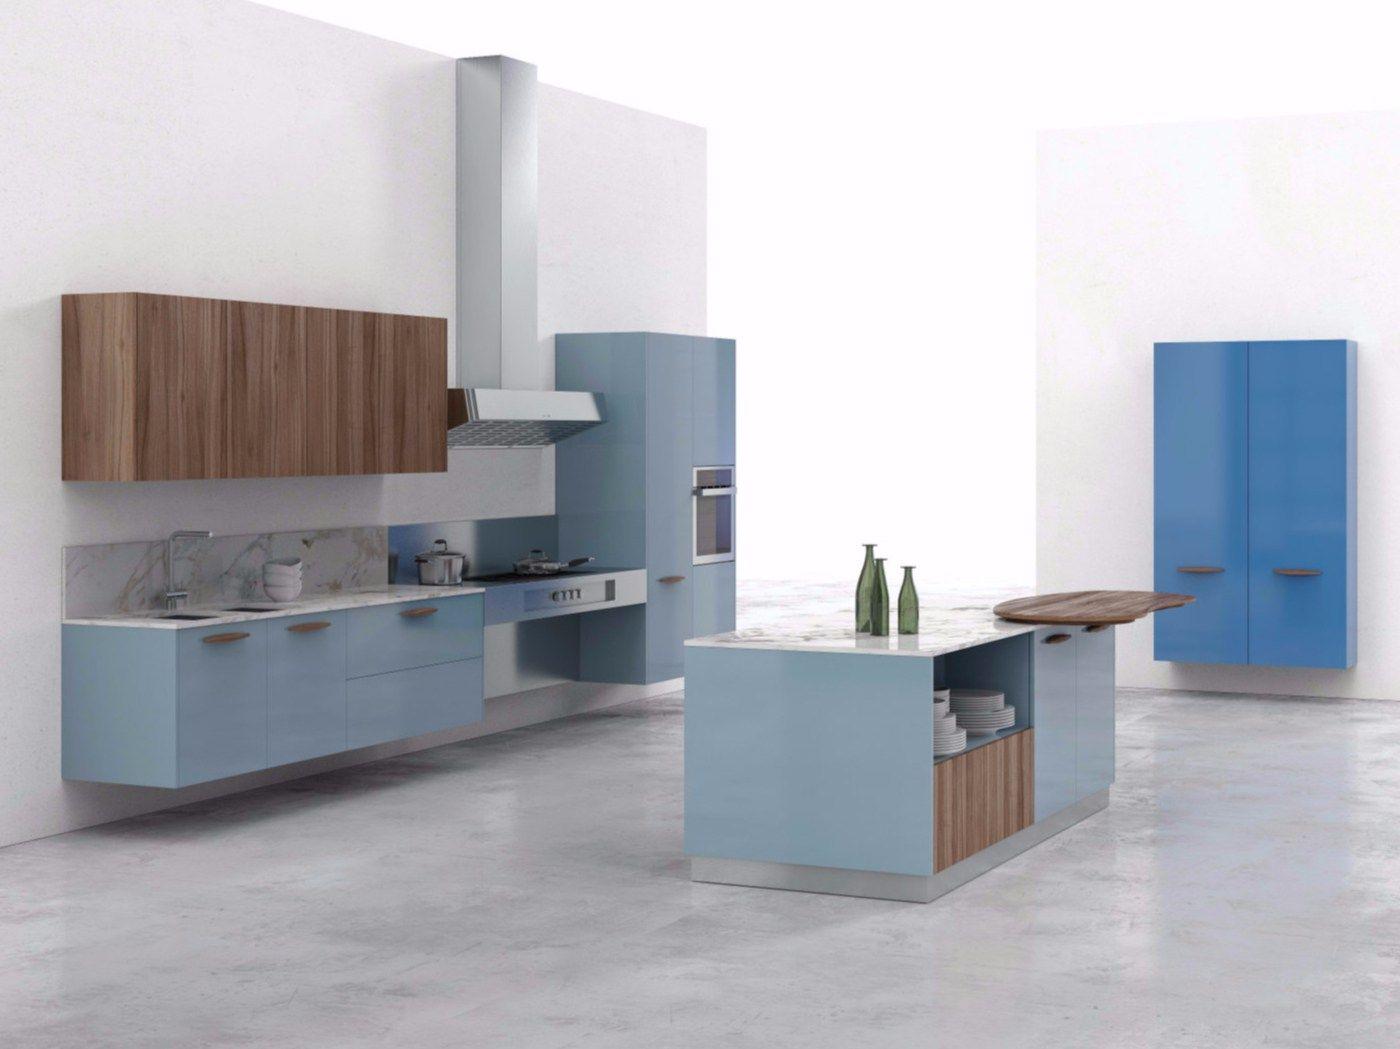 Cucina componibile ks by del tongo design giulio - Cappellini cucine prezzi ...